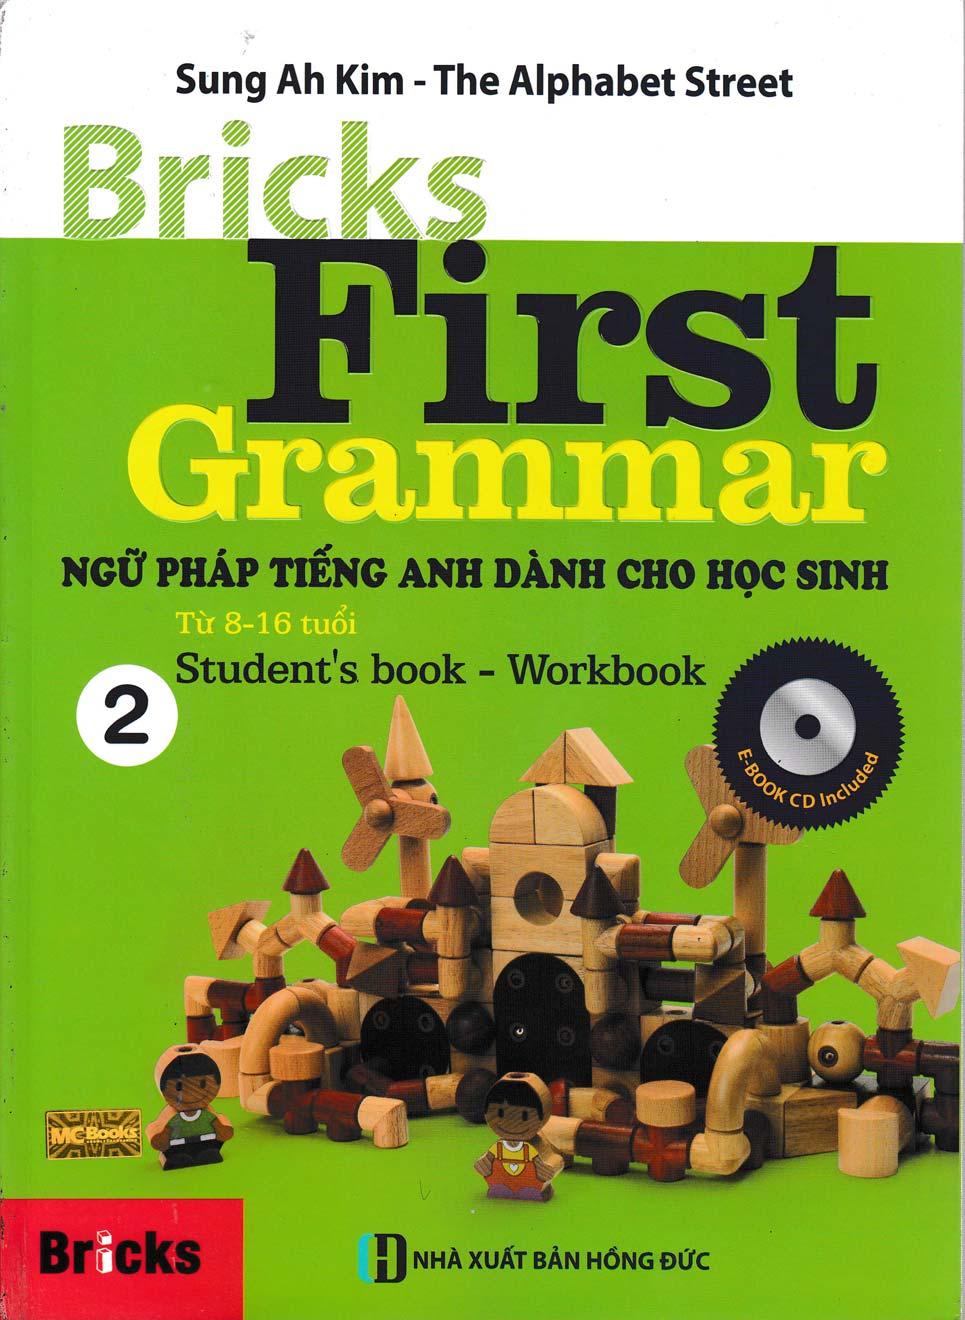 Bricks First Grammar – Ngữ Pháp Tiếng Anh Dành Cho Học Sinh Tập 2 (Kèm Đĩa CD)